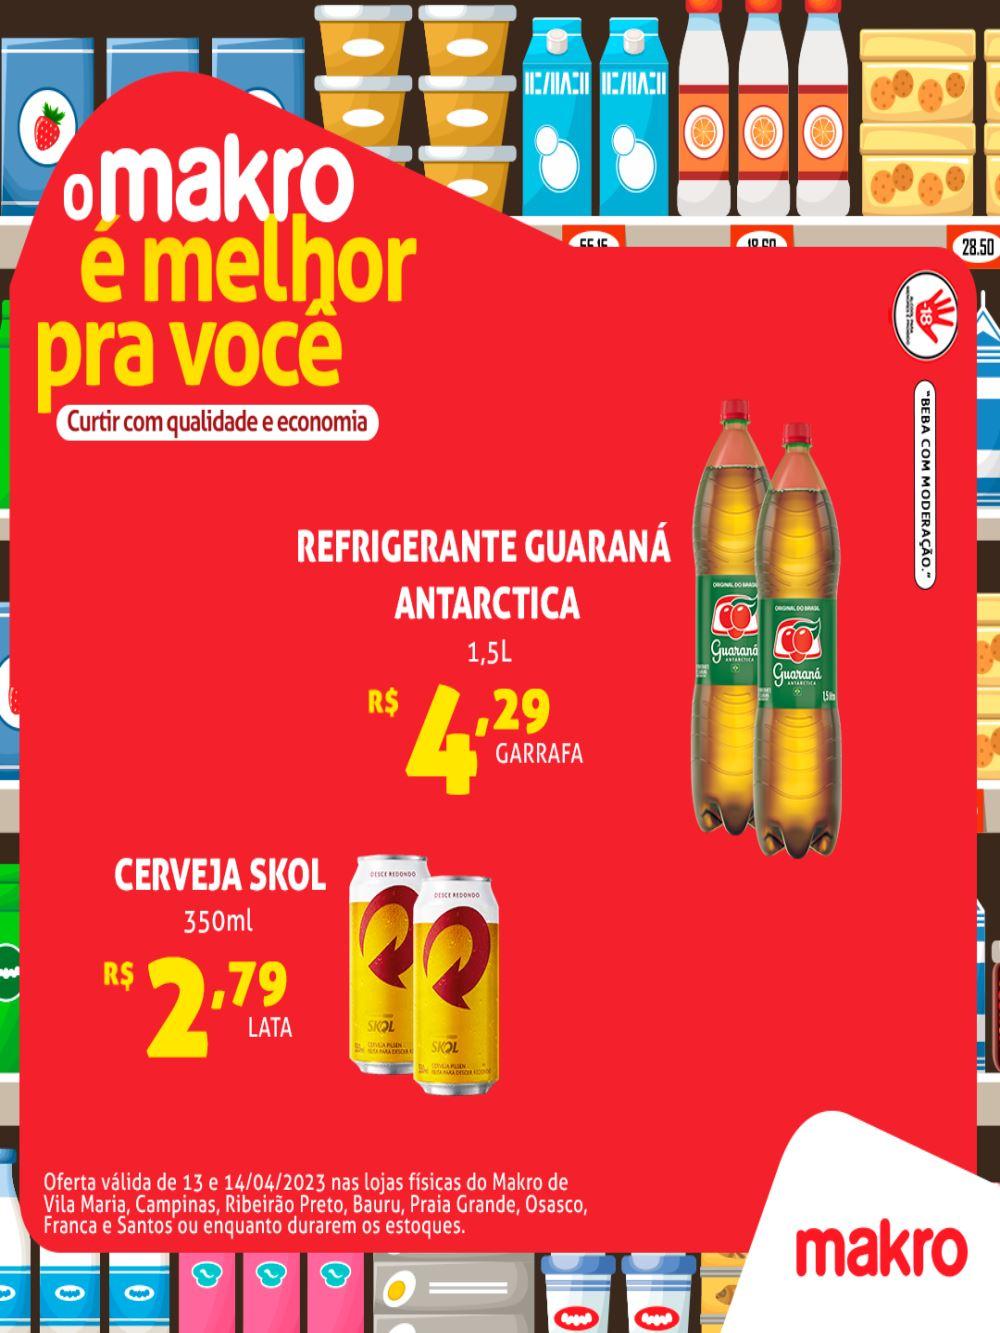 makro-ofertas-descontos-hoje1-34 Ofertas de supermercados